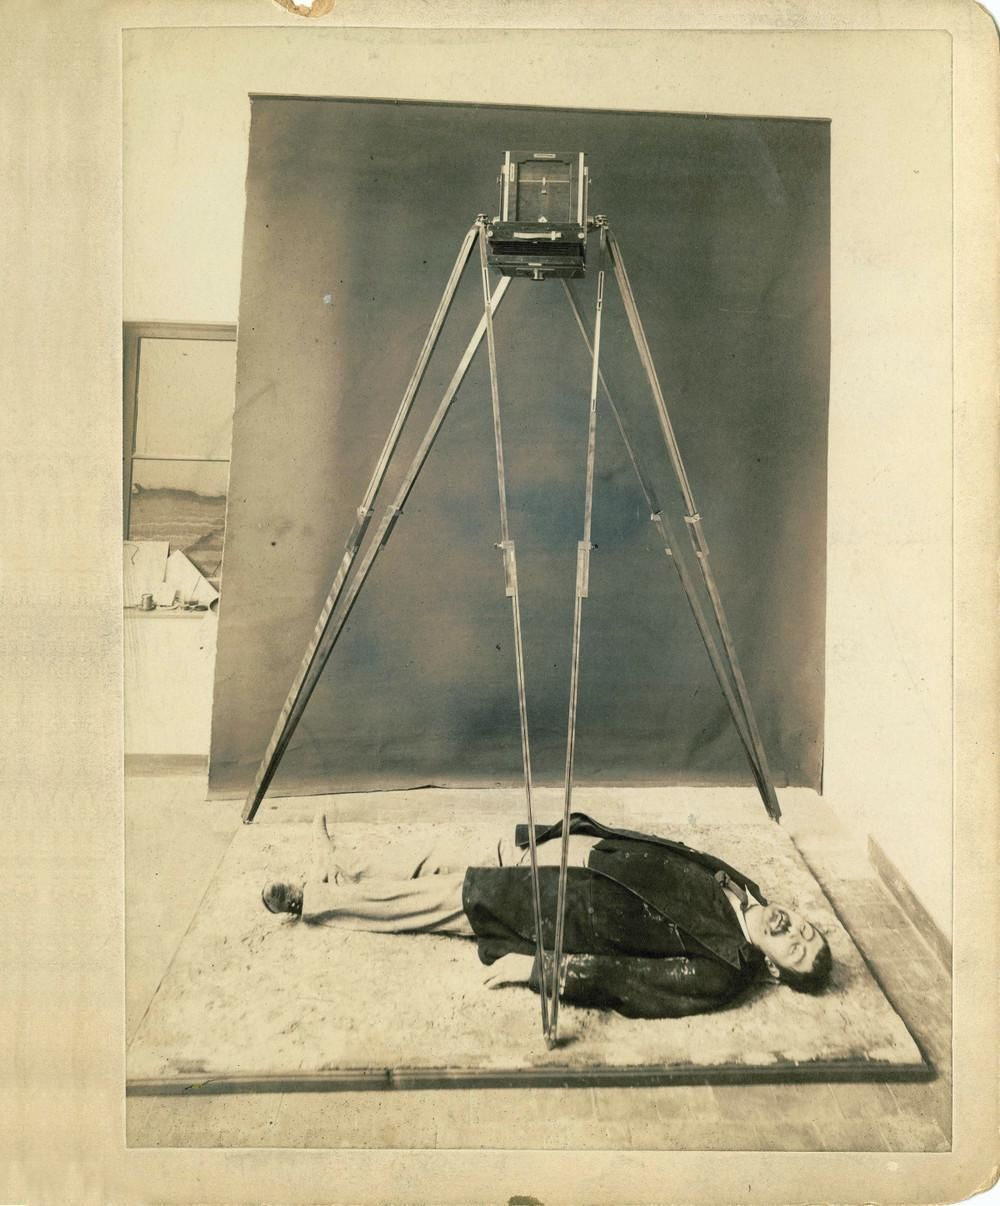 Selvom fotografier af gerningssteder som oftest blev ledsaget af skitseringer og håndtegnede kort over  omgivelserne, for at kunne gengive de præcise dimensioner, blev en anden metode taget i brug, når det kom til menneskekroppe: perspektometrisk tilretning. Kameraet, hvormed denne øvelse realiseres, skal placeres ovenfor og vinkelret i forhold til liget, så det trykte billedes midterlinje løber præcist mellem øjnene på liget og skærer næseroden. Dette billede blev taget af politiet for at…